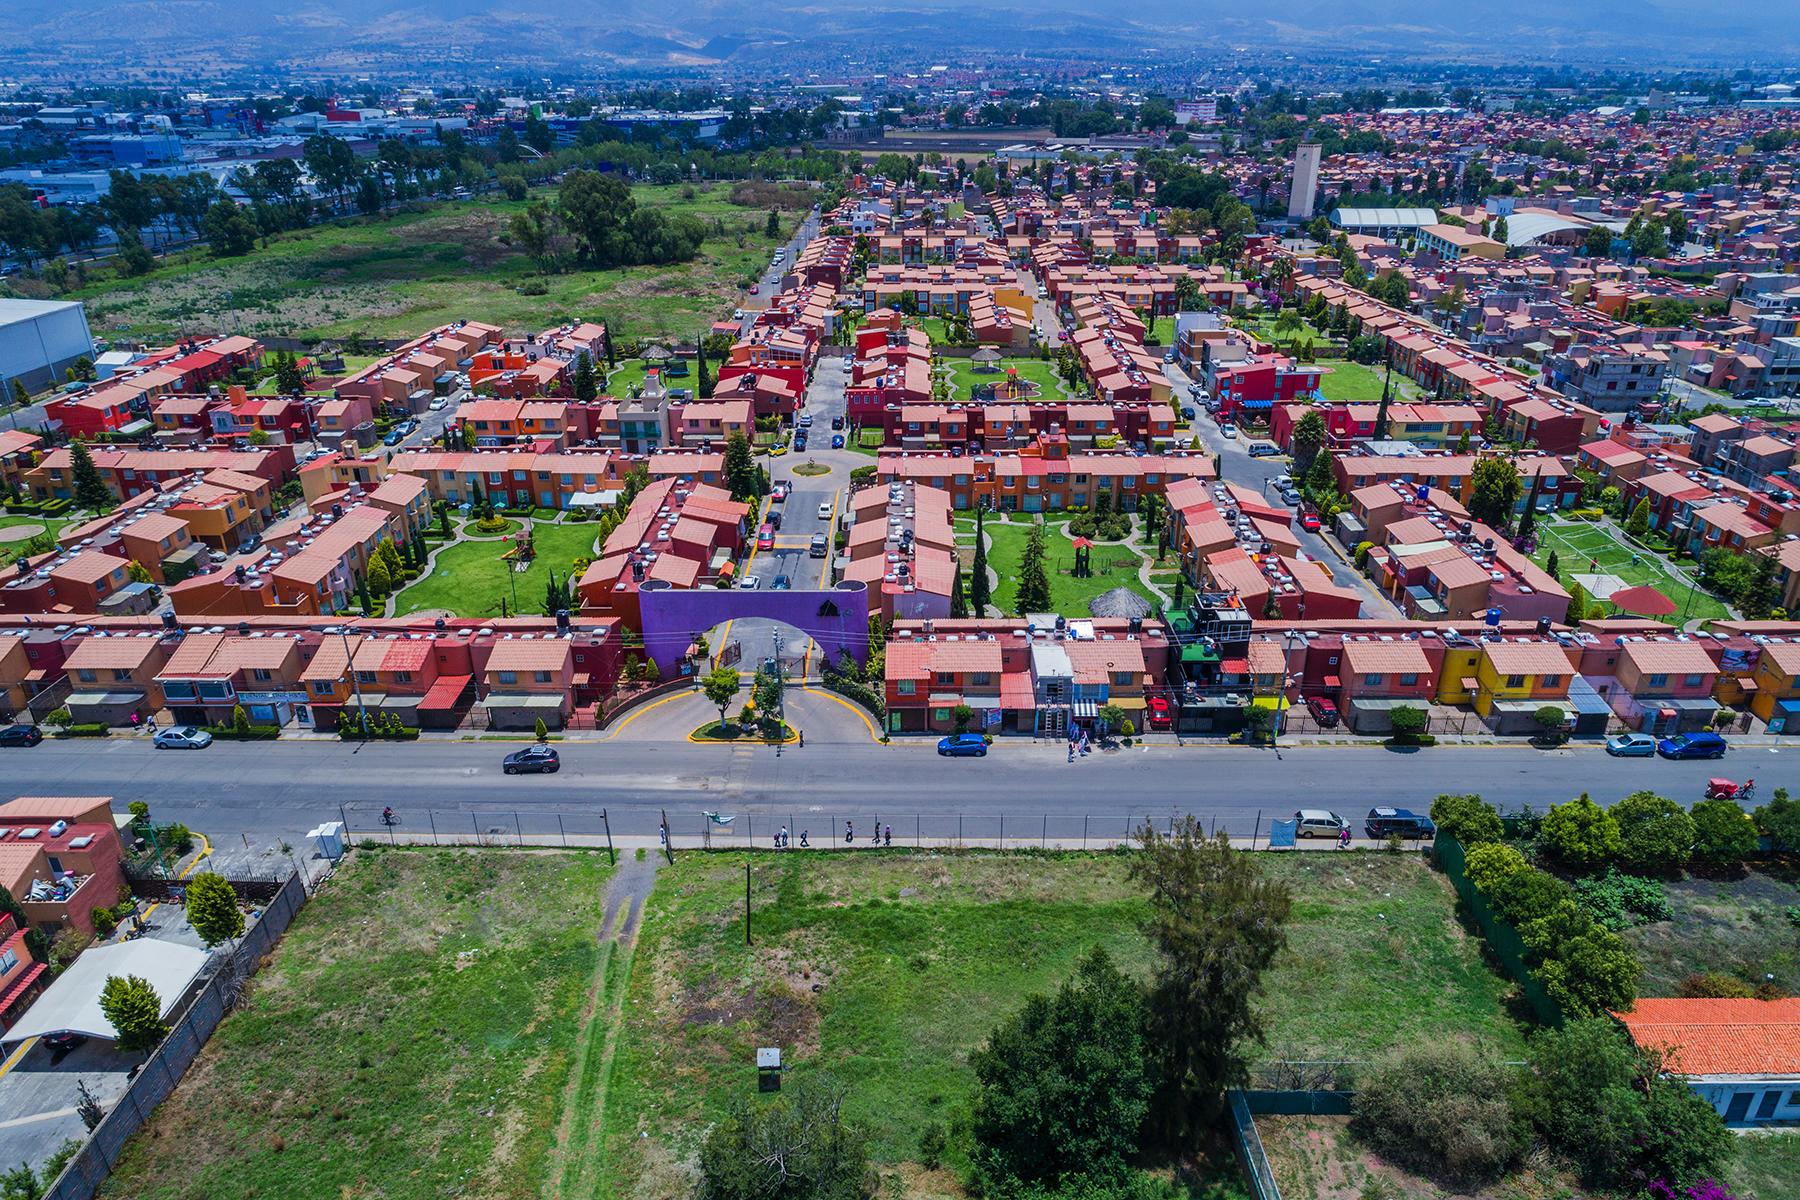 용 매매 에 Calle Hacienda la Escondida sin numero Colonia Santa Barbara Ixtapaluca, 멕시코의 도시 56535 멕시코